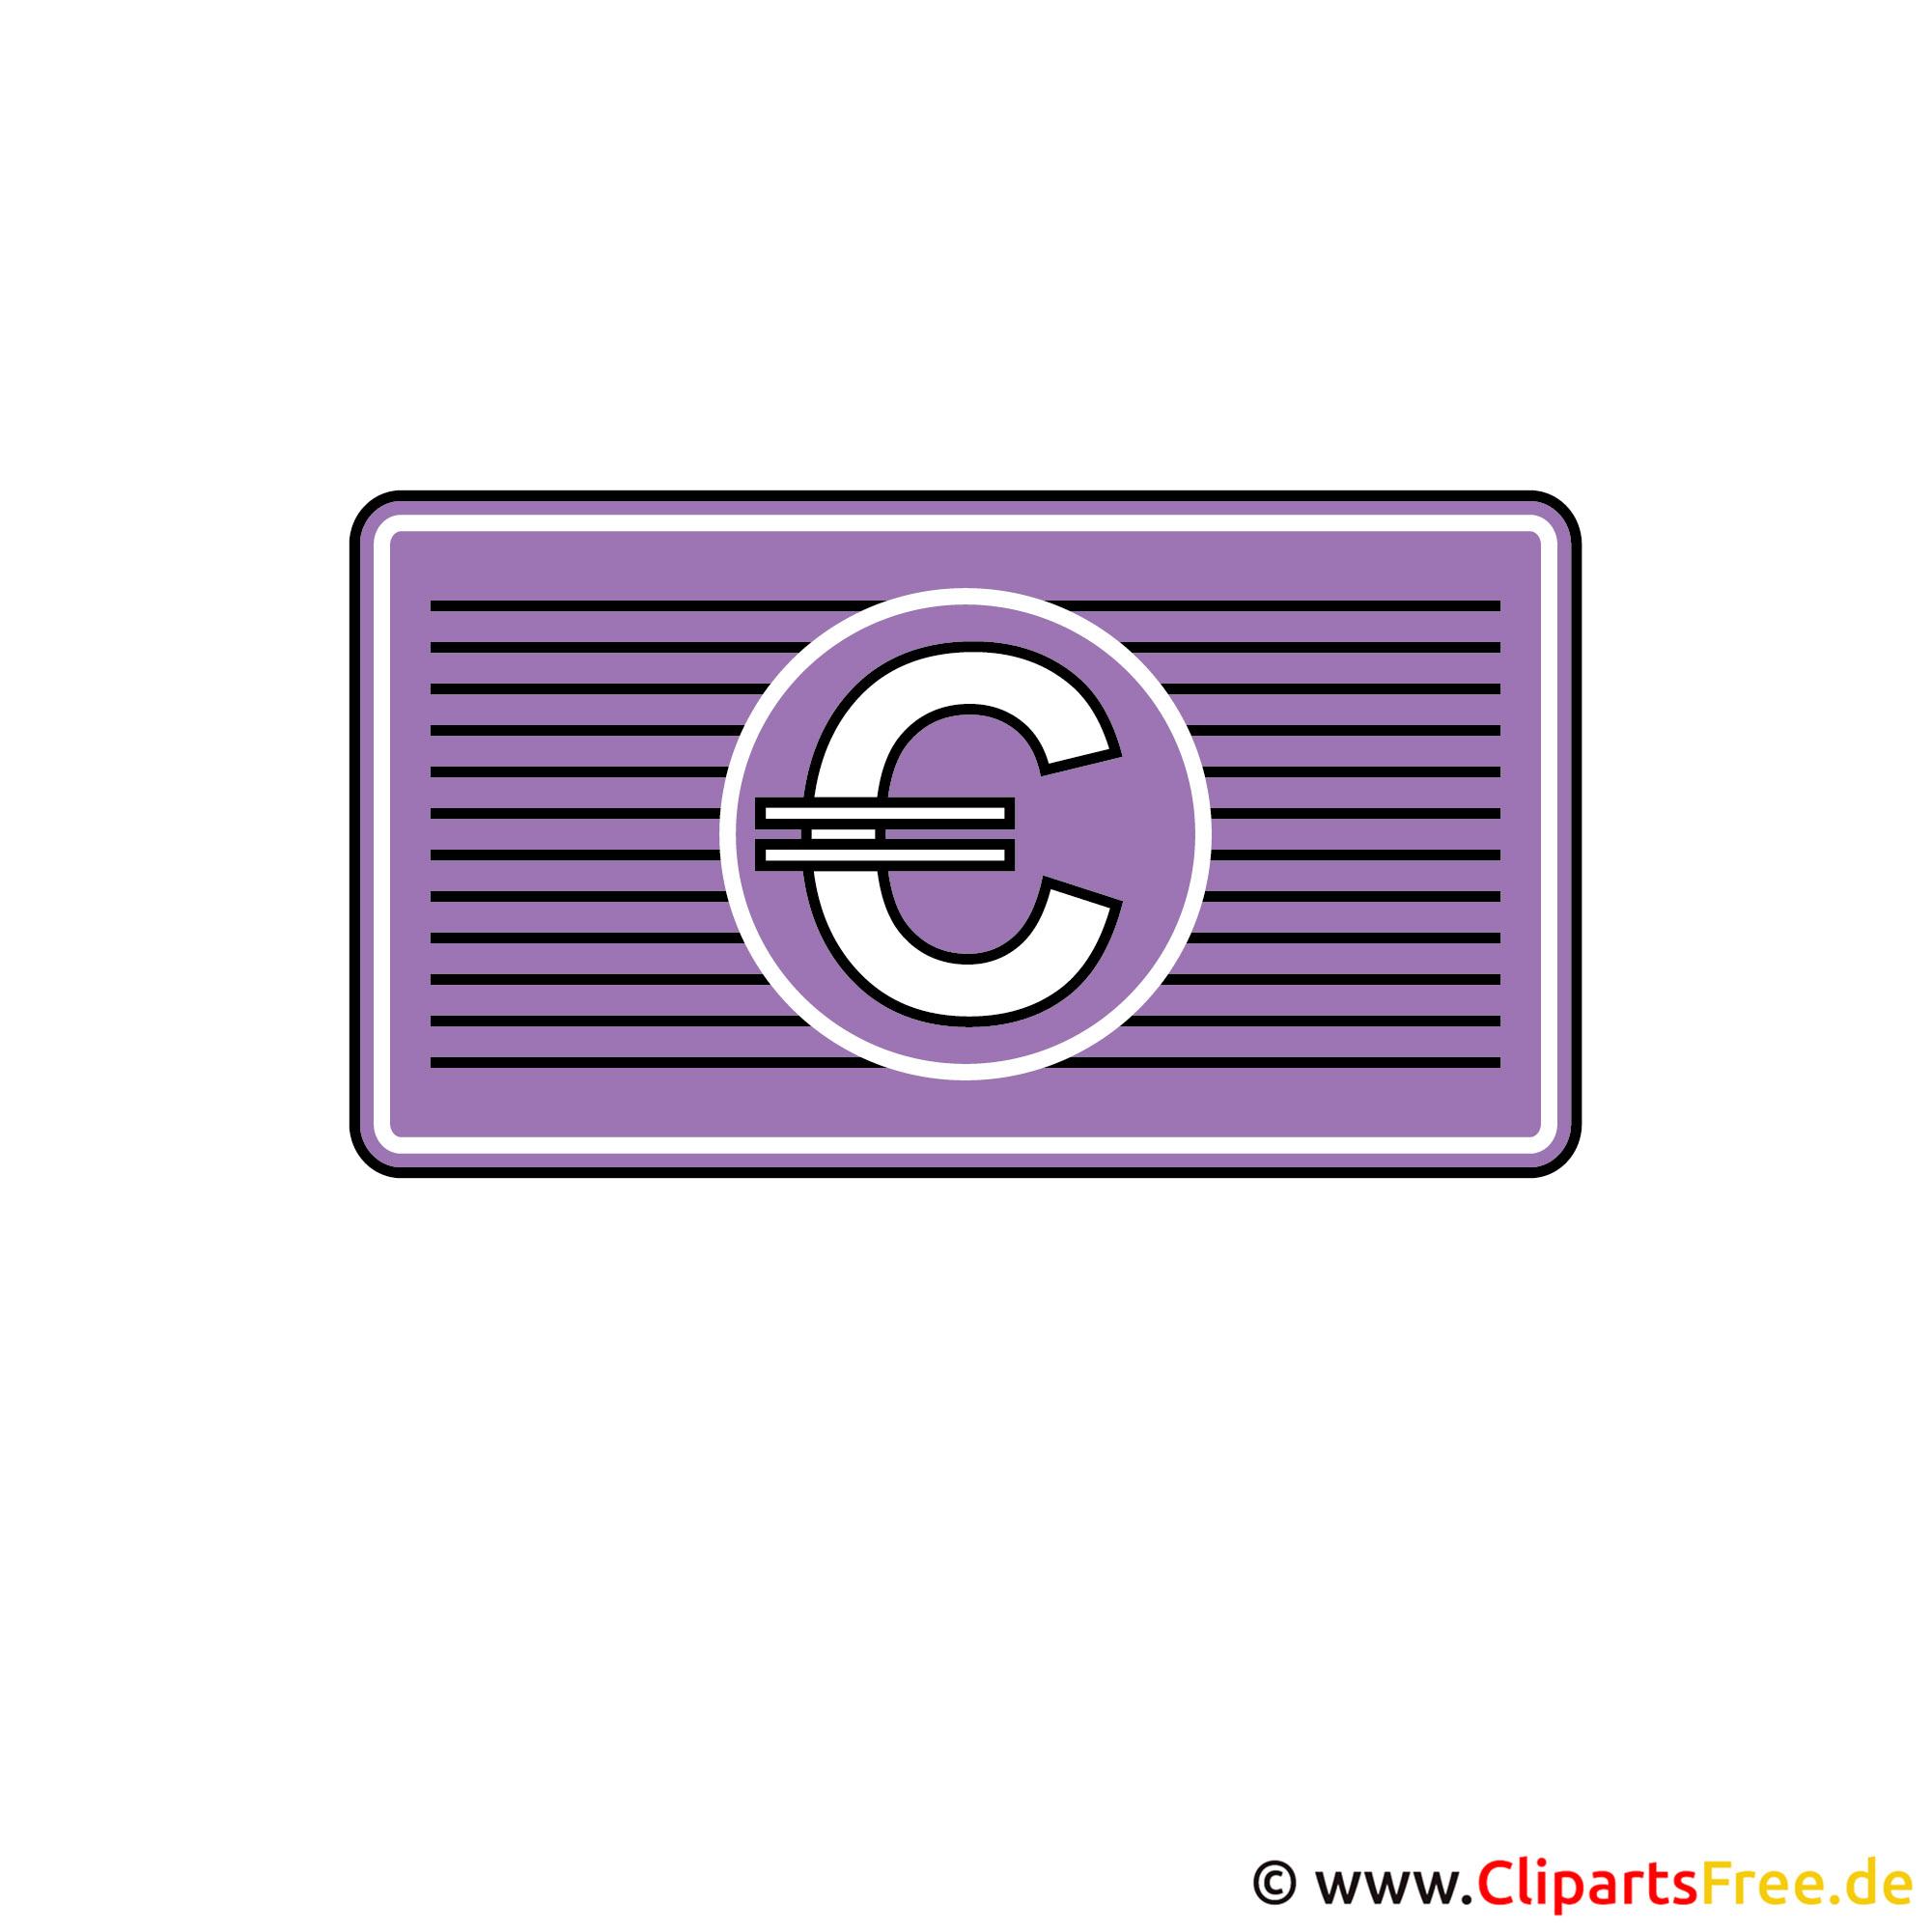 Bild - Clipart Geld